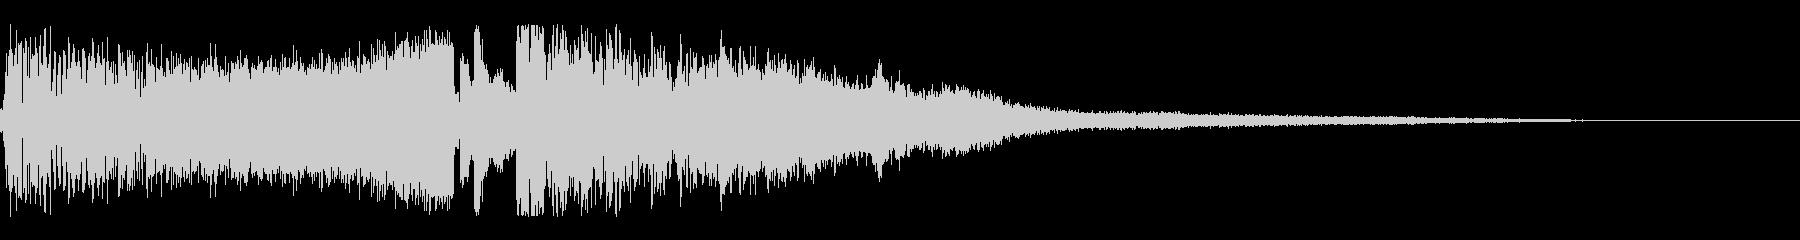 氷魔法の詠唱・発動音の未再生の波形